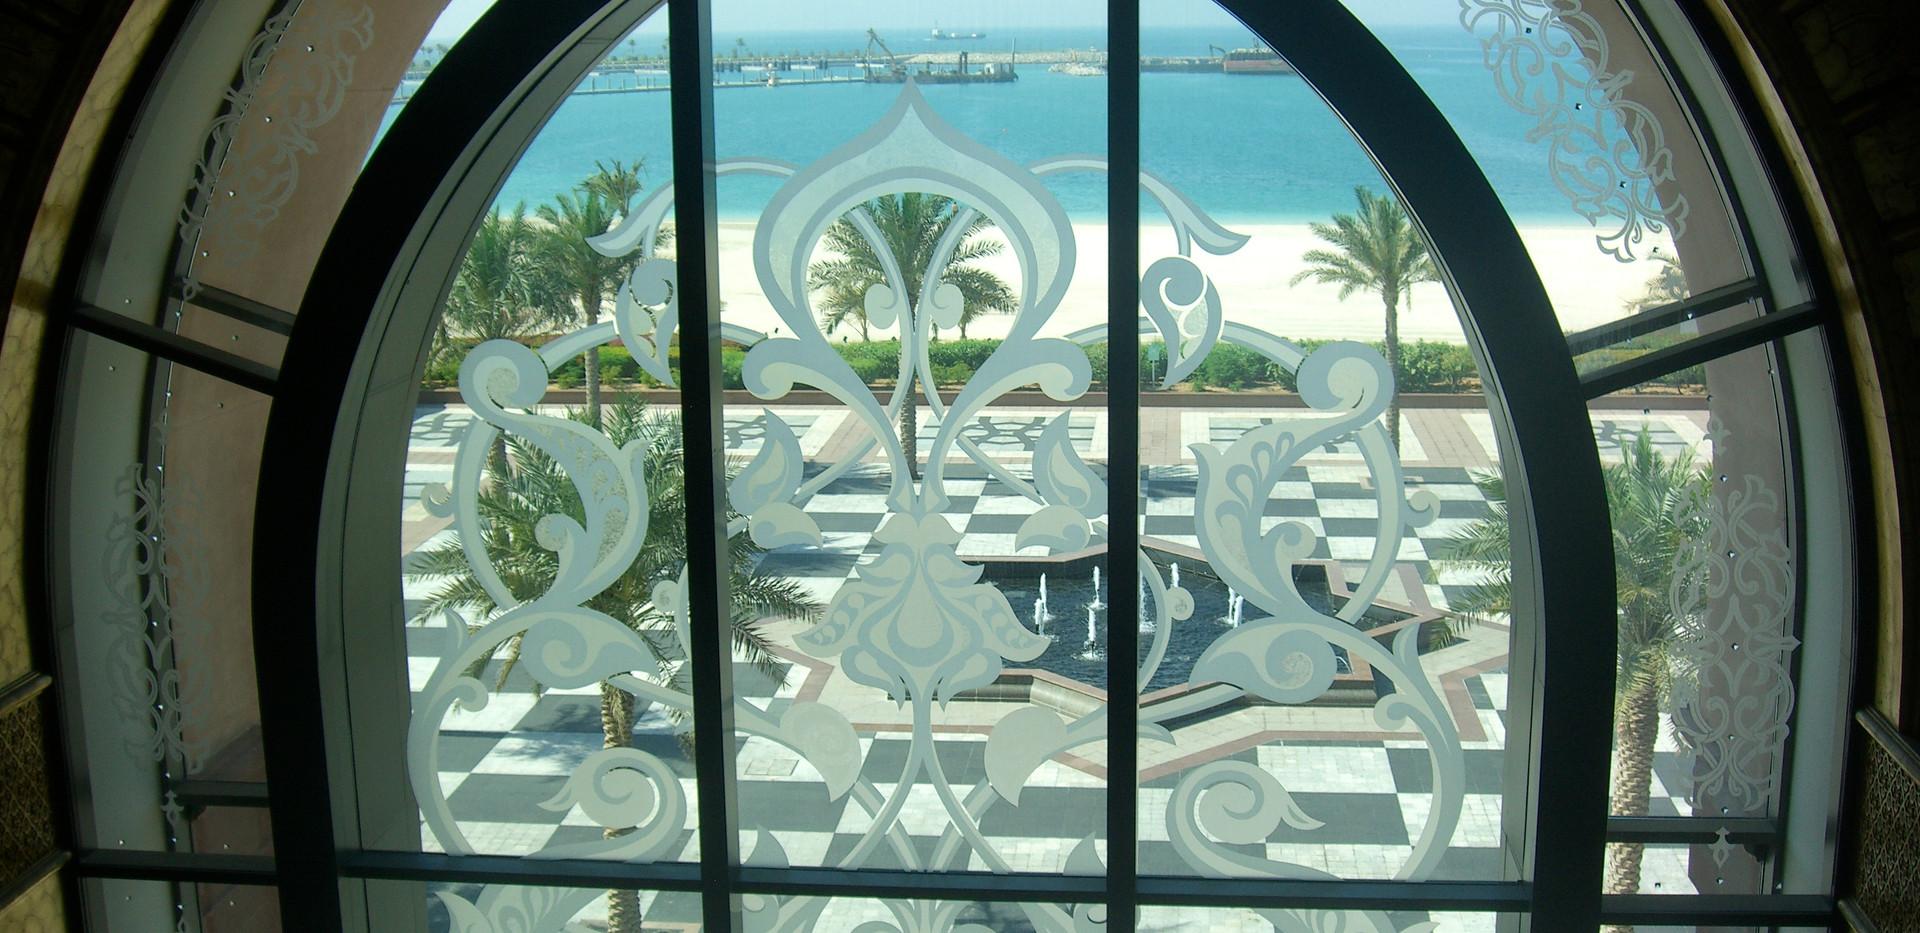 Abu Dhabi, 2012